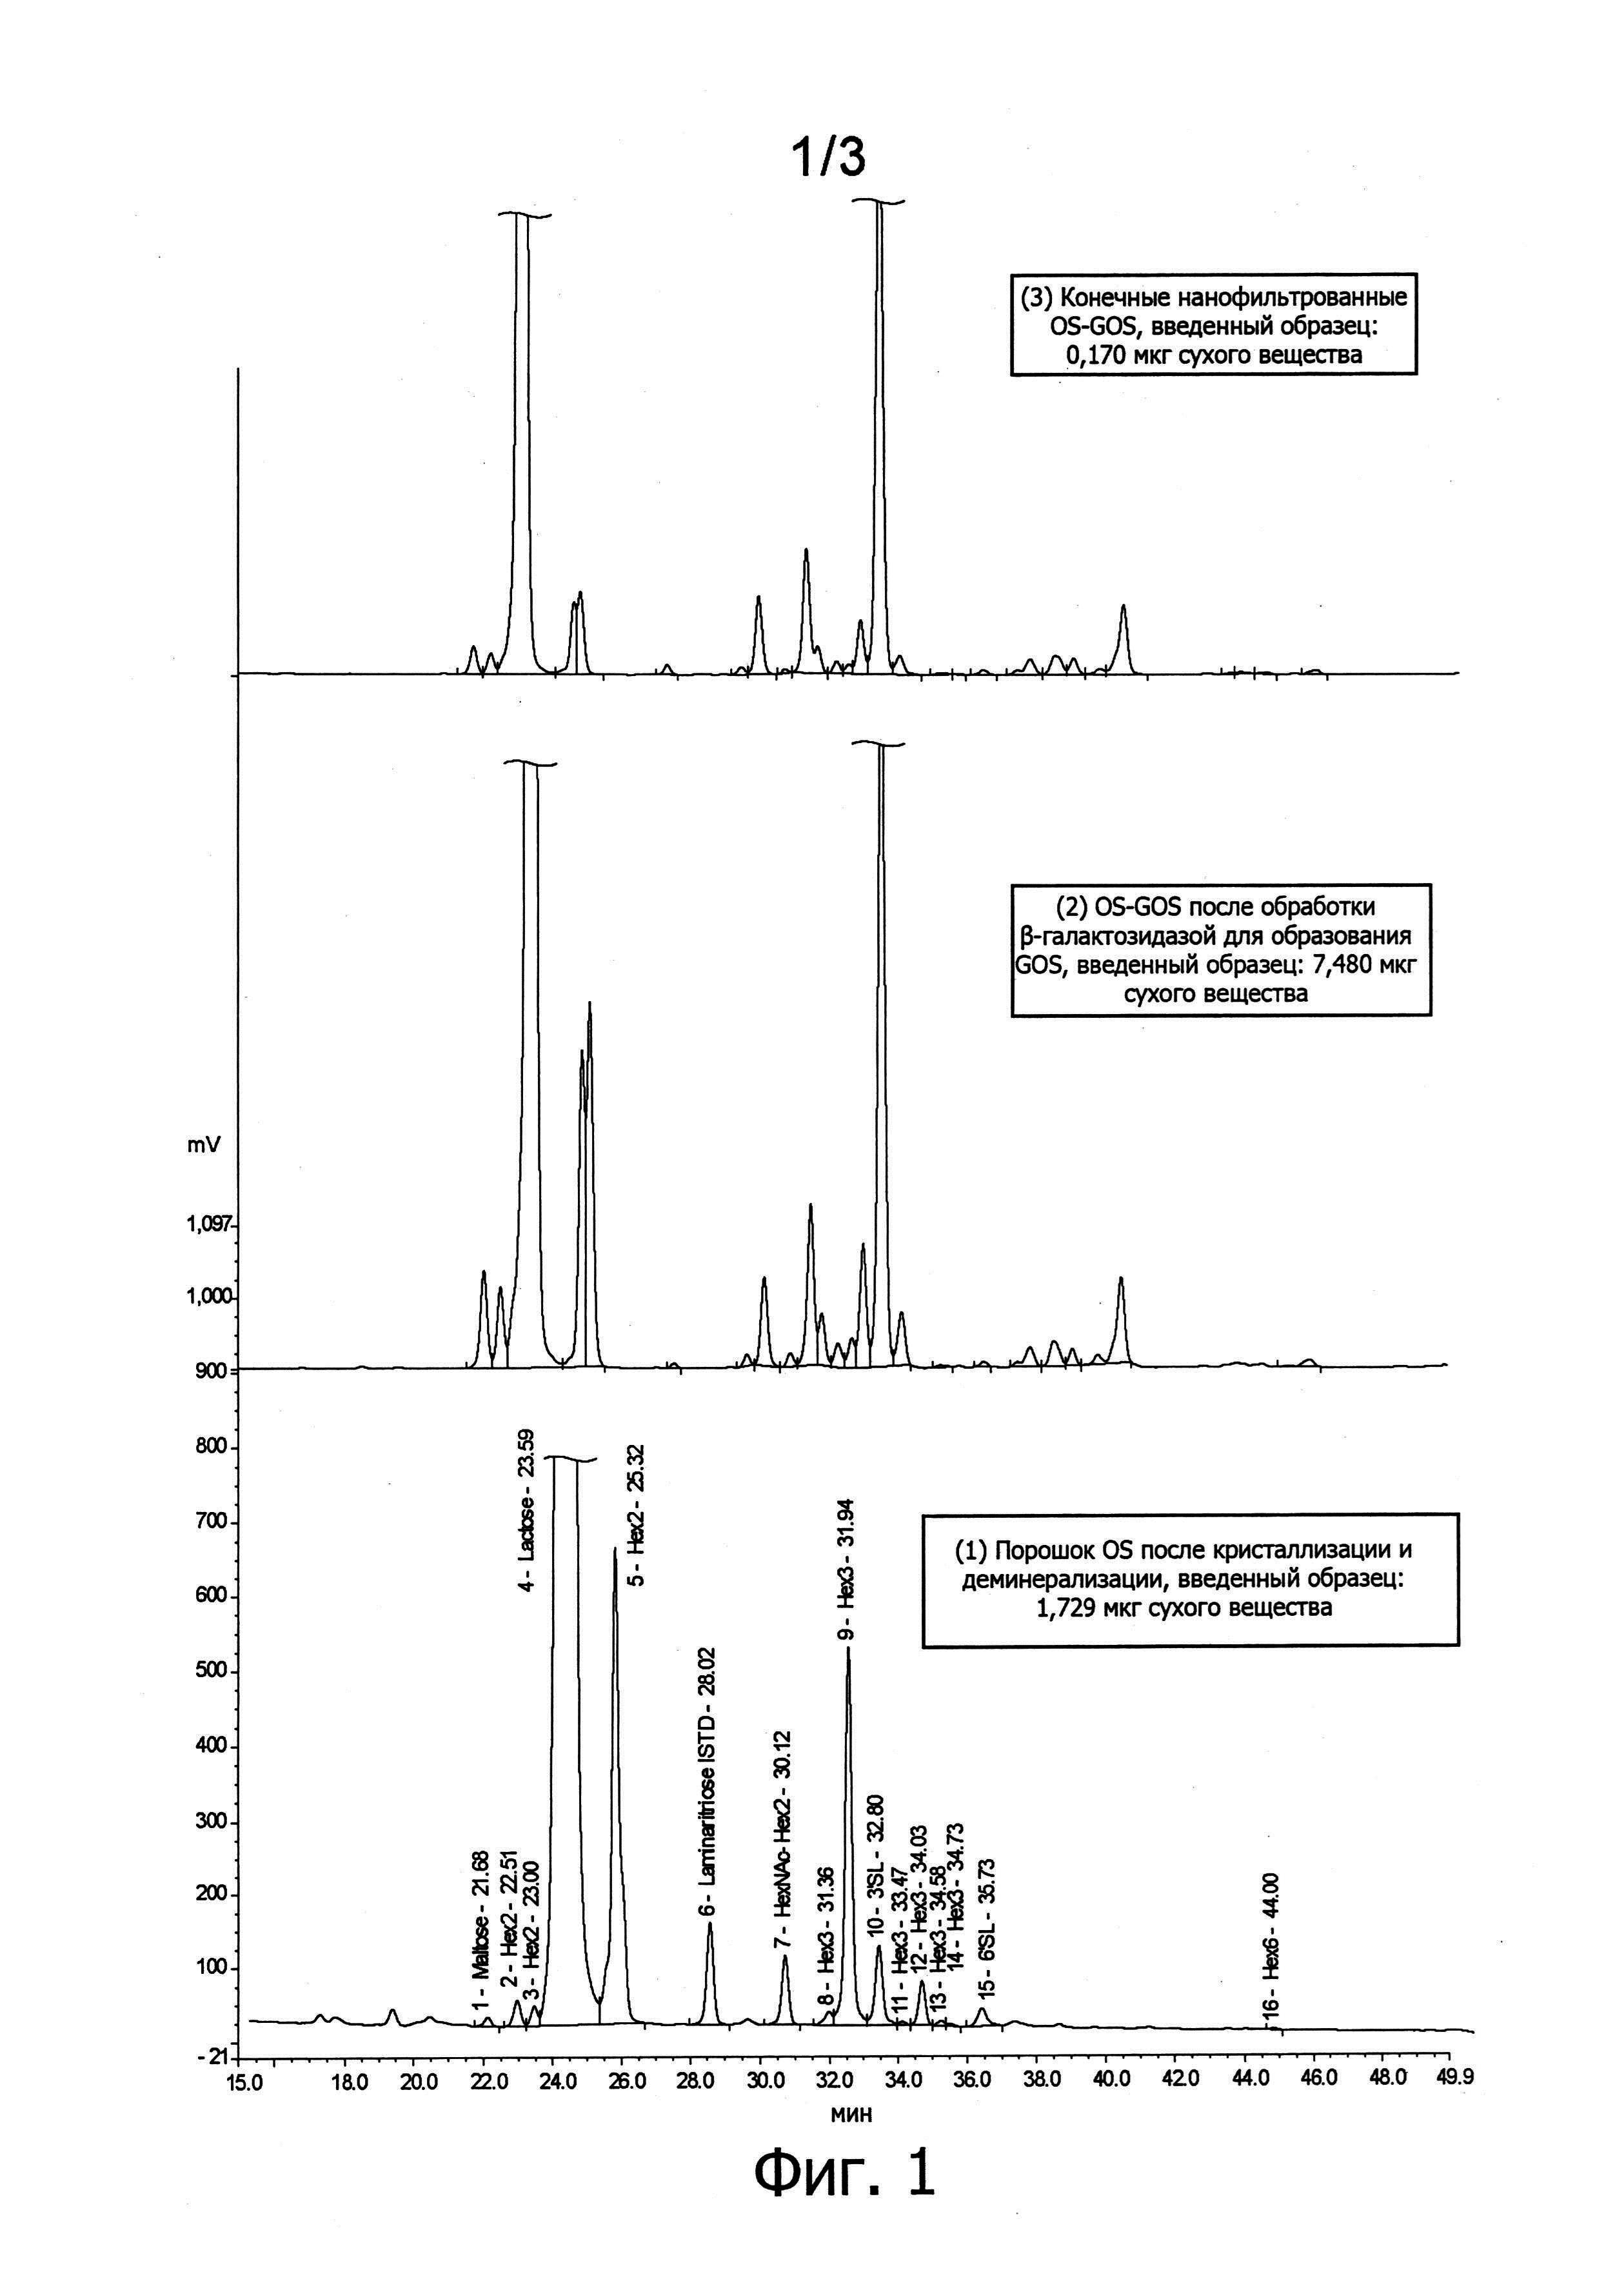 Молочная олигосахаридно-галактоолигосахаридная композиция для детской смеси, содержащая растворимую олигосахаридную фракцию, присутствующую в молоке, и имеющая низкое содержание моносахаридов, и способ получения композиции